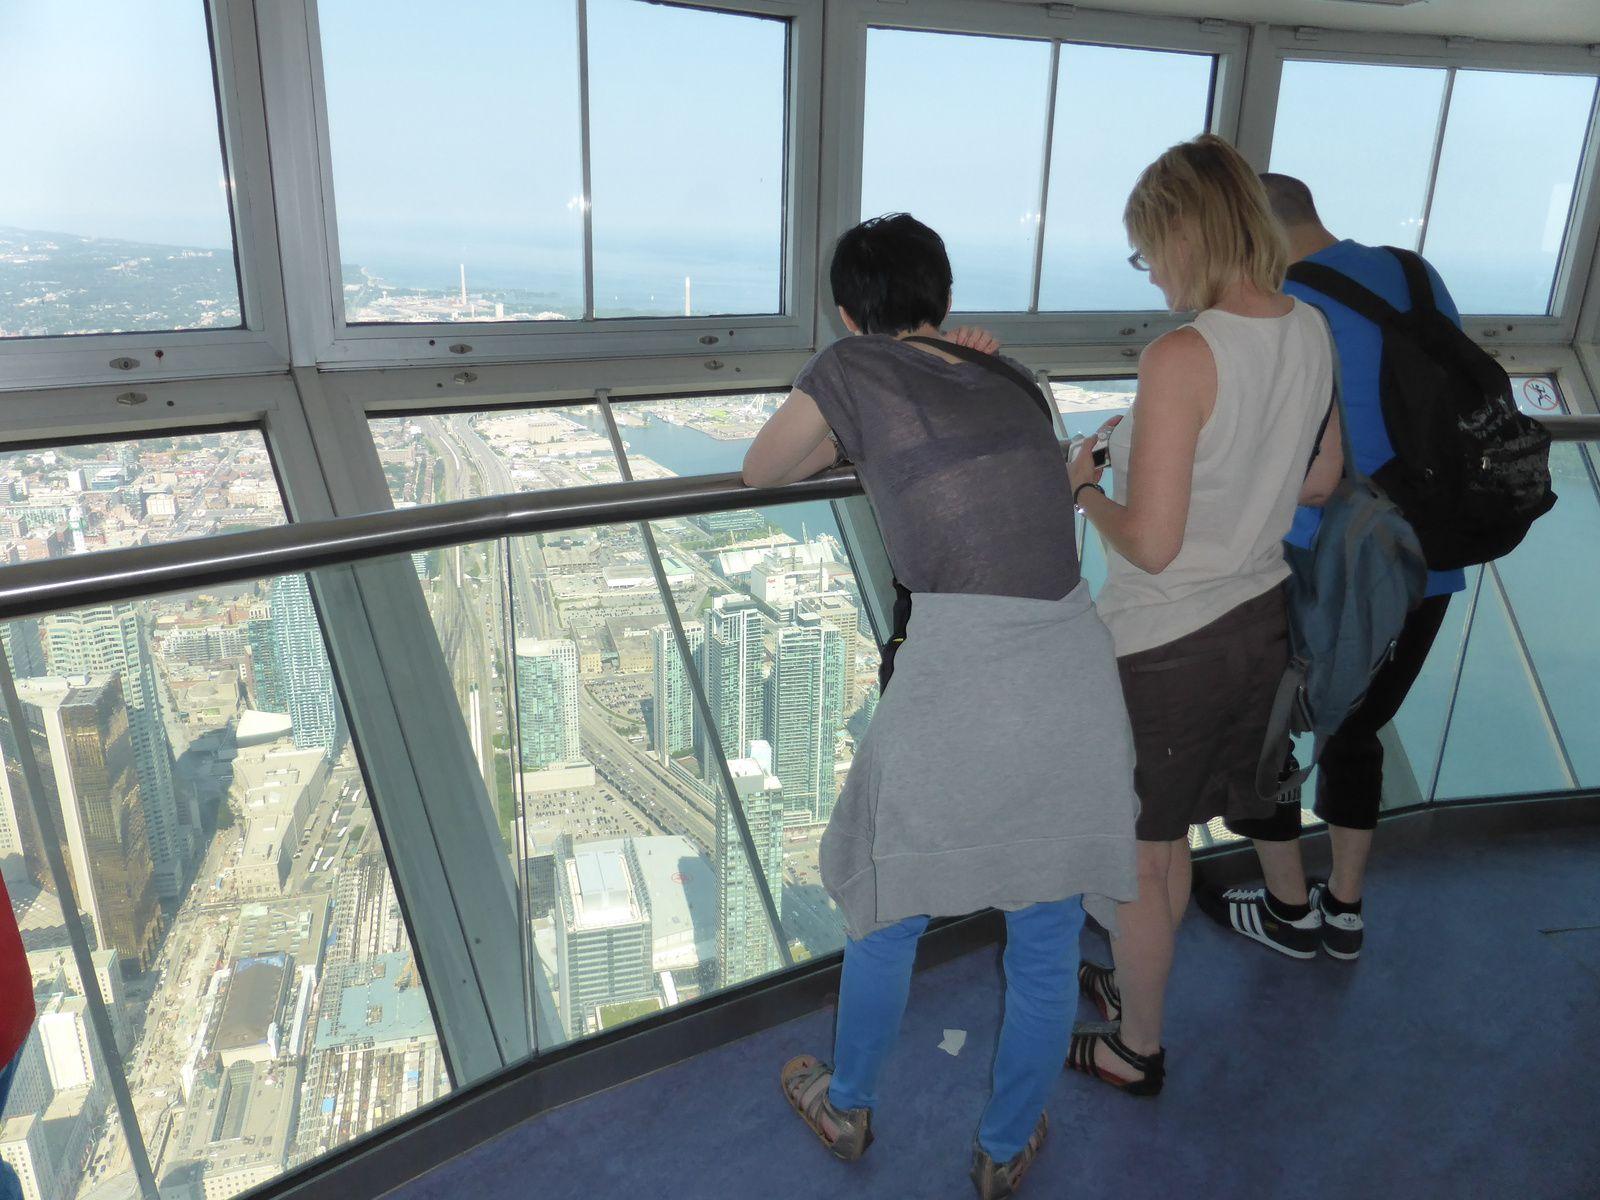 vue du haut de la tour sur toronto - et lac ontario